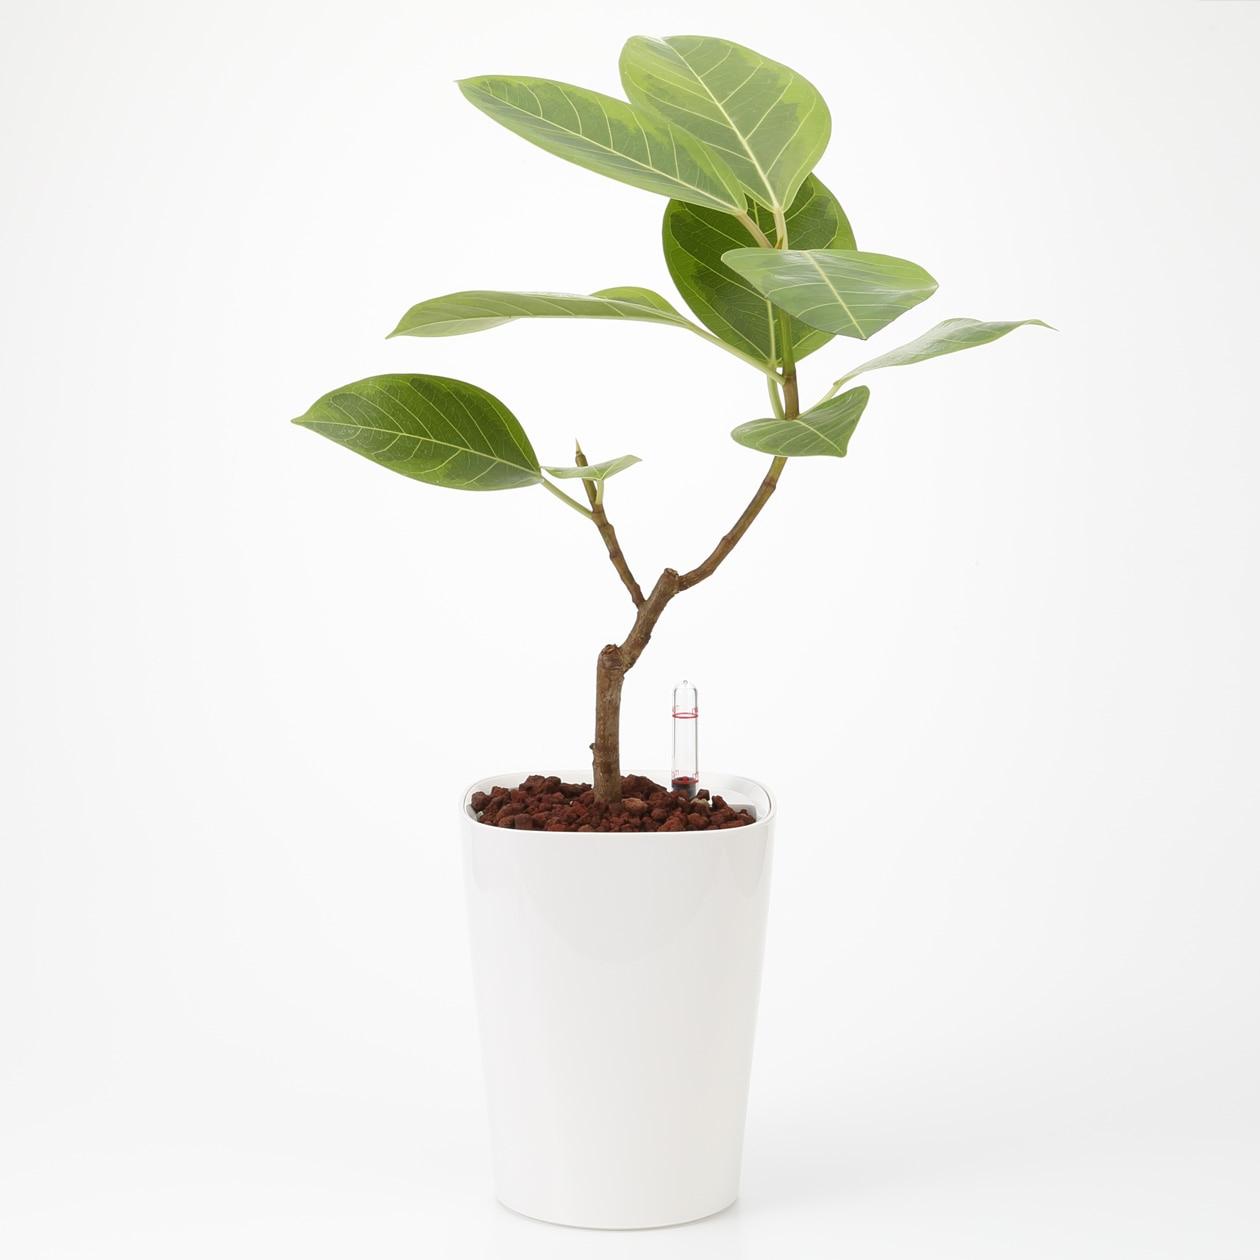 【ネット限定】レチューザに植えたアルテシマ